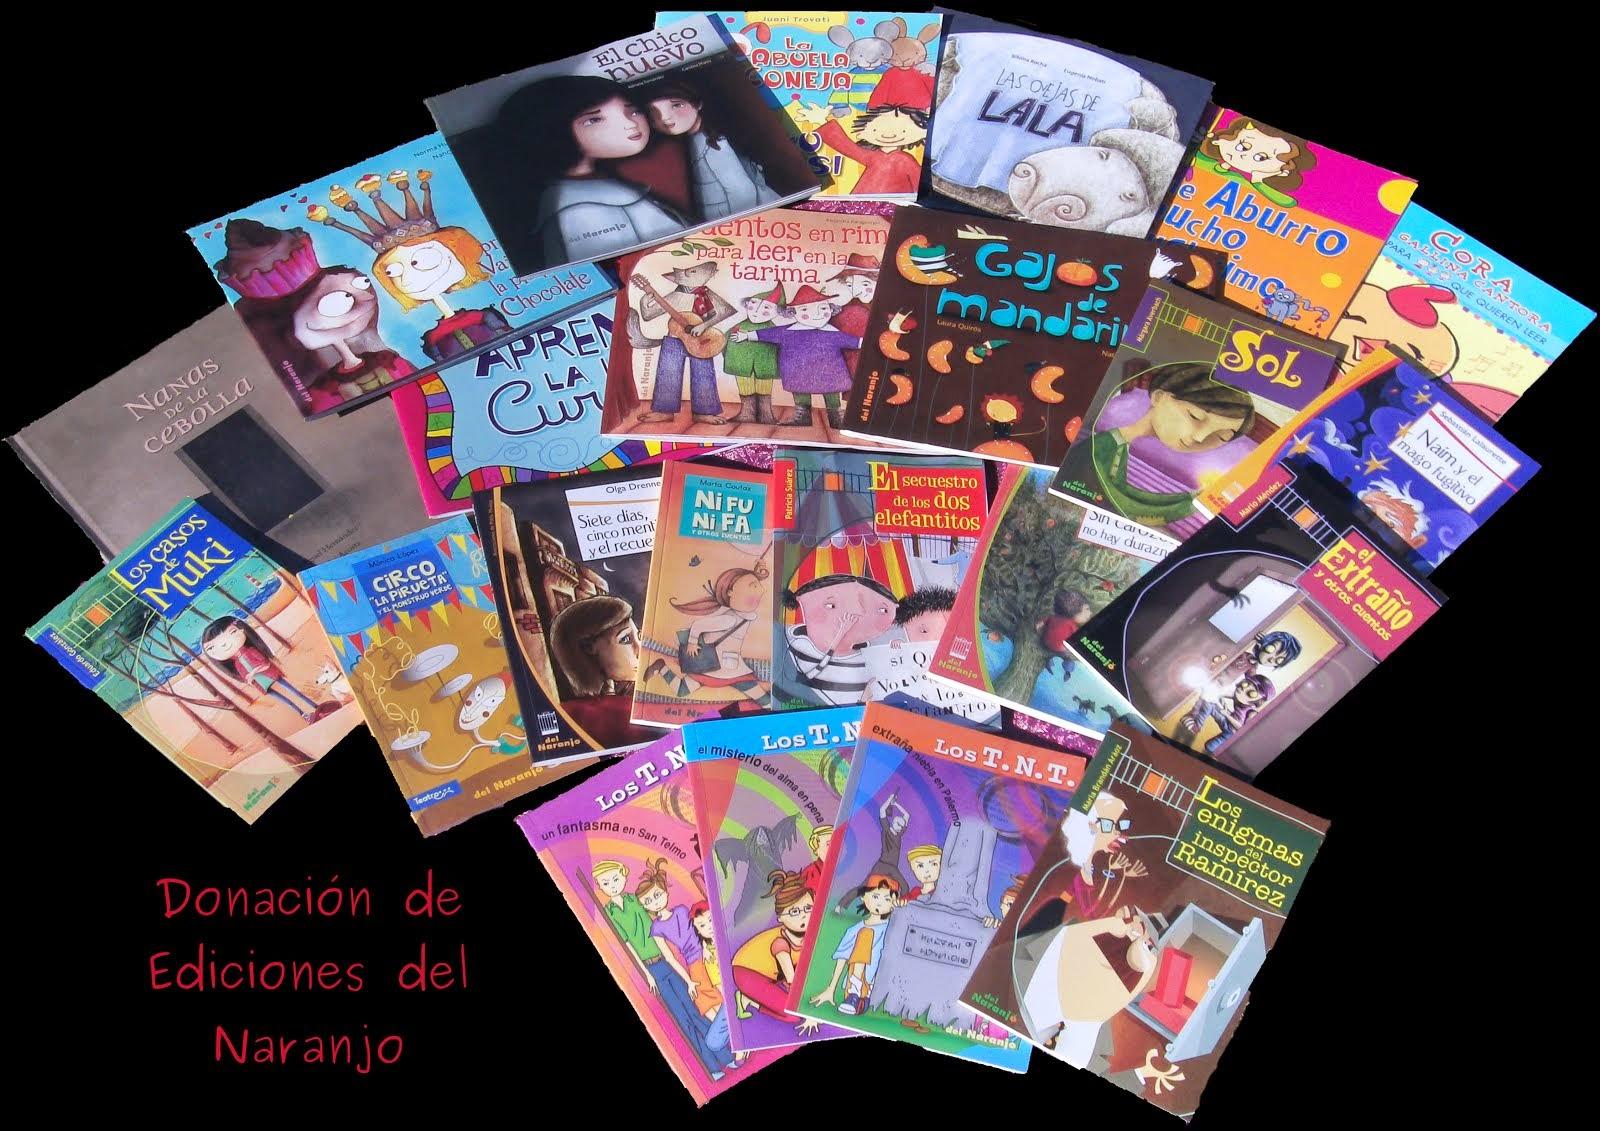 Donación Ediciones del Naranjo (2014)